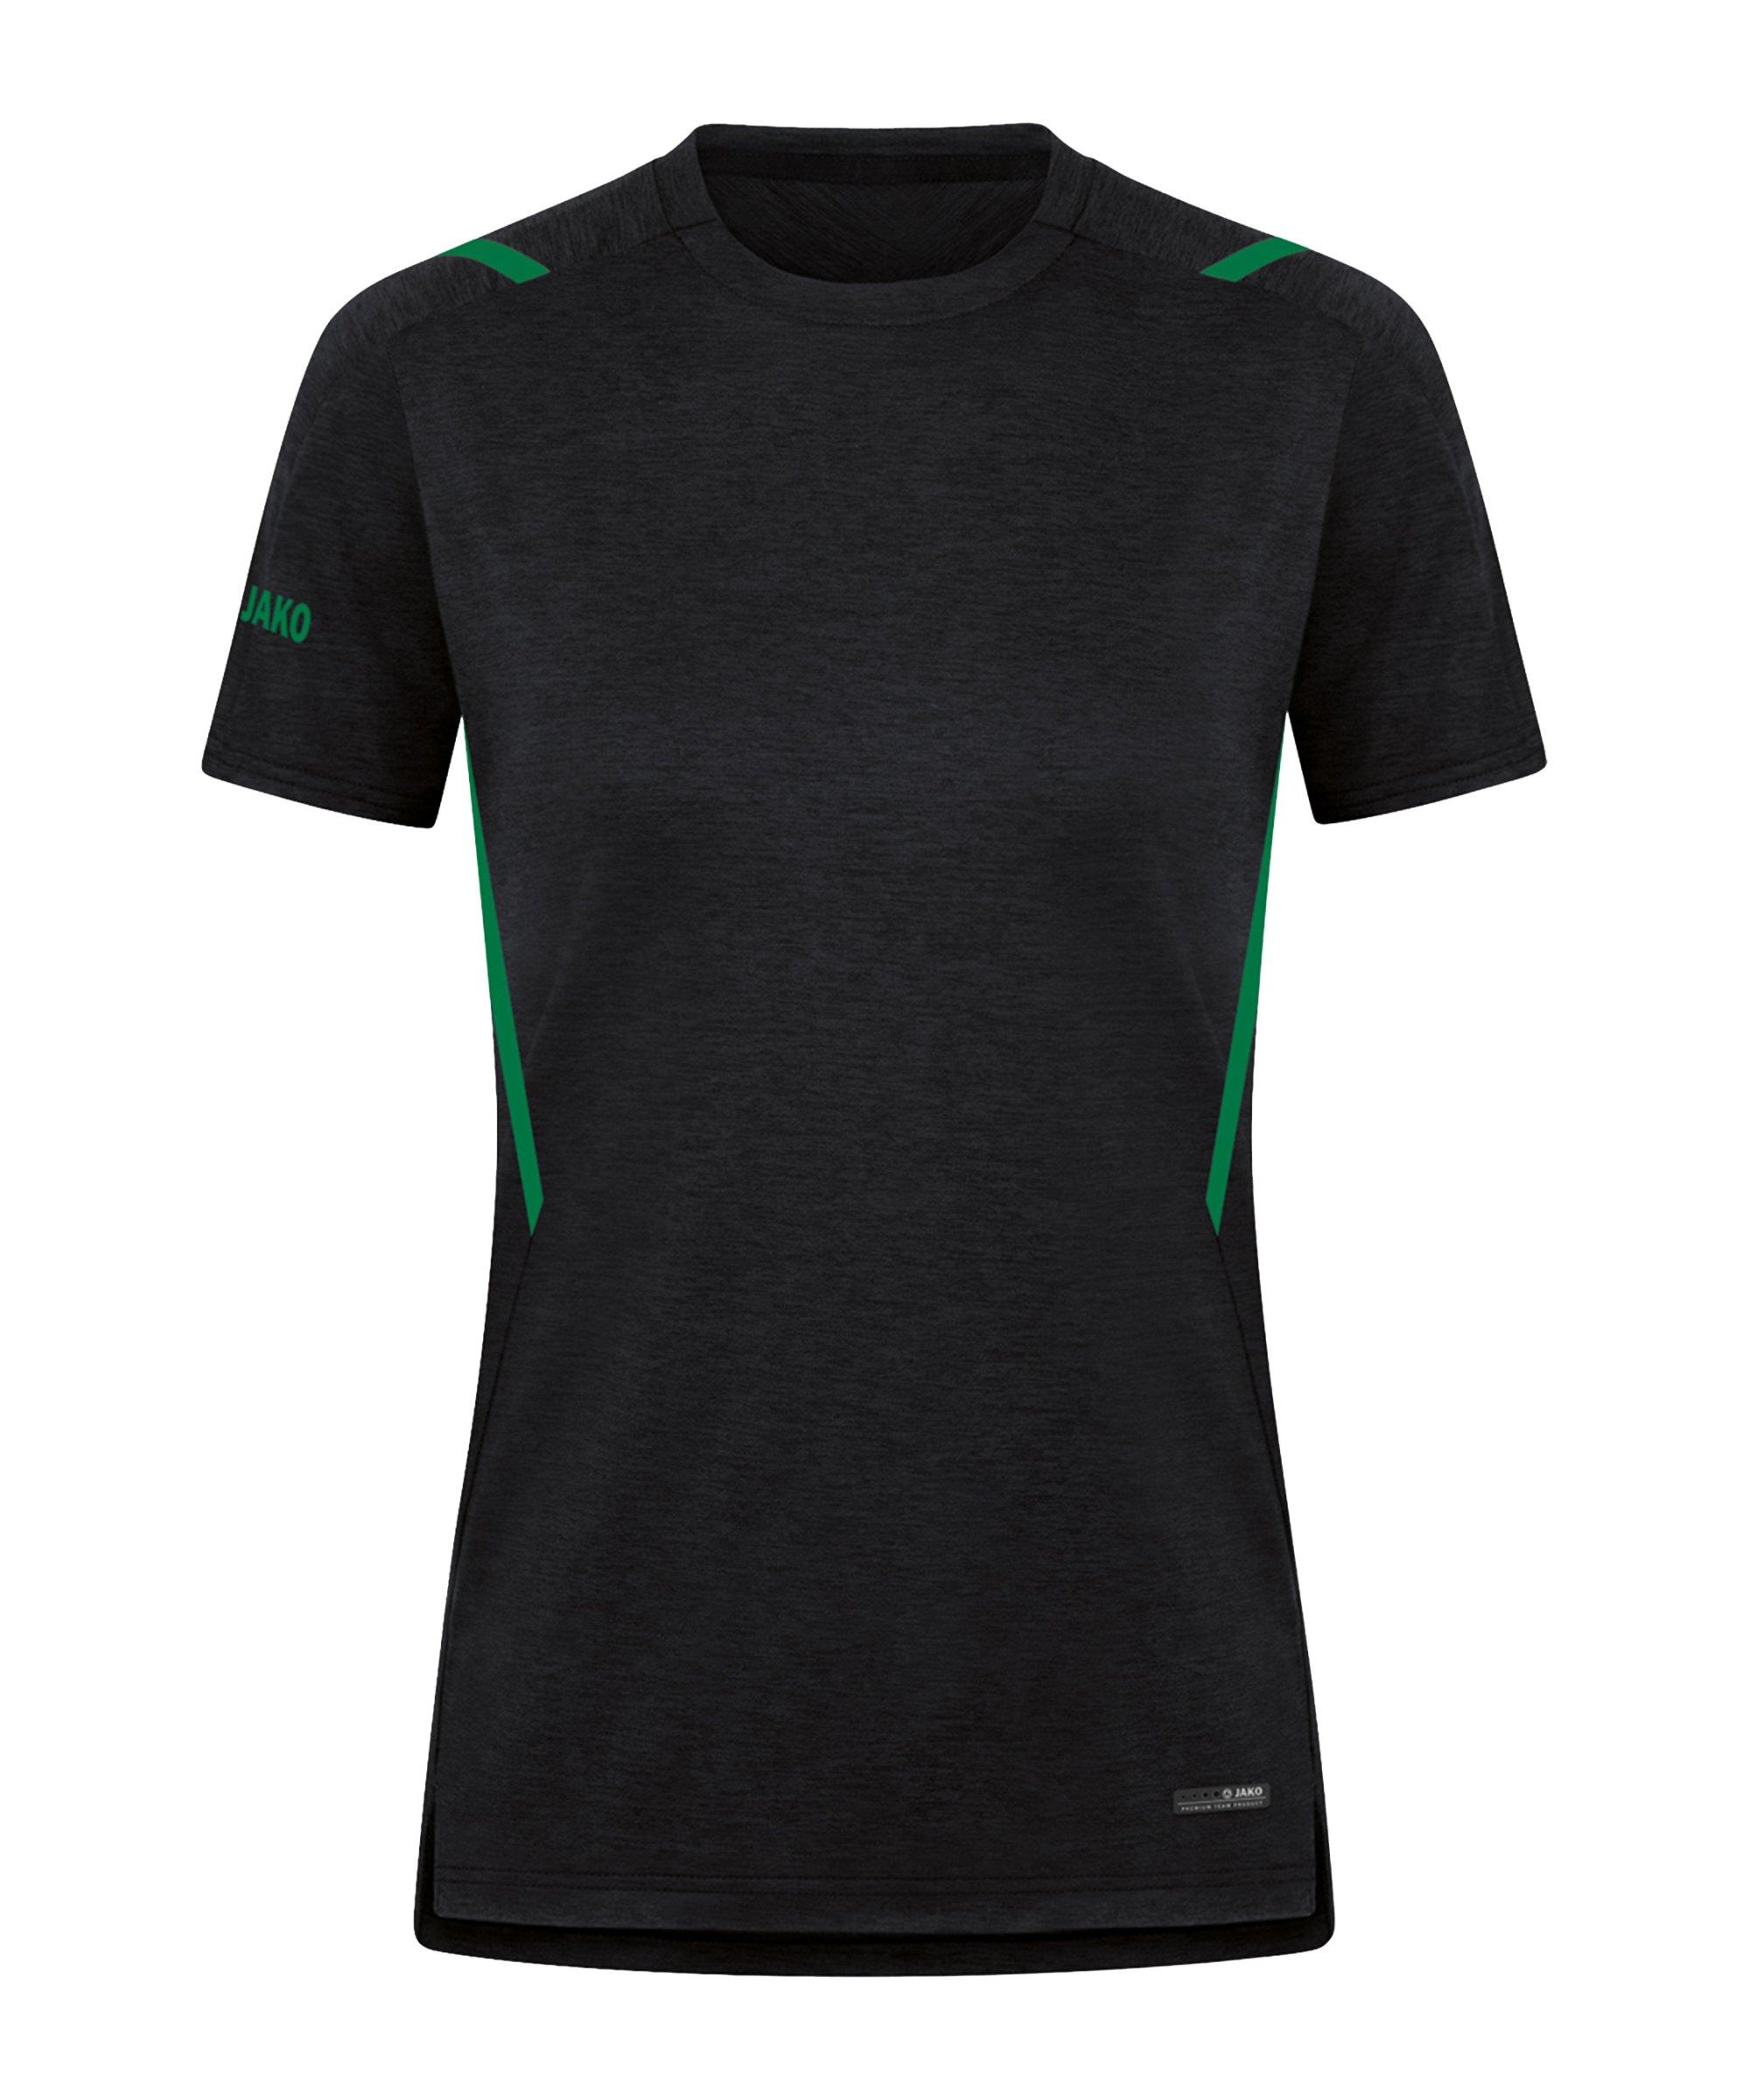 JAKO Challenge Freizeit T-Shirt Damen F503 - schwarz